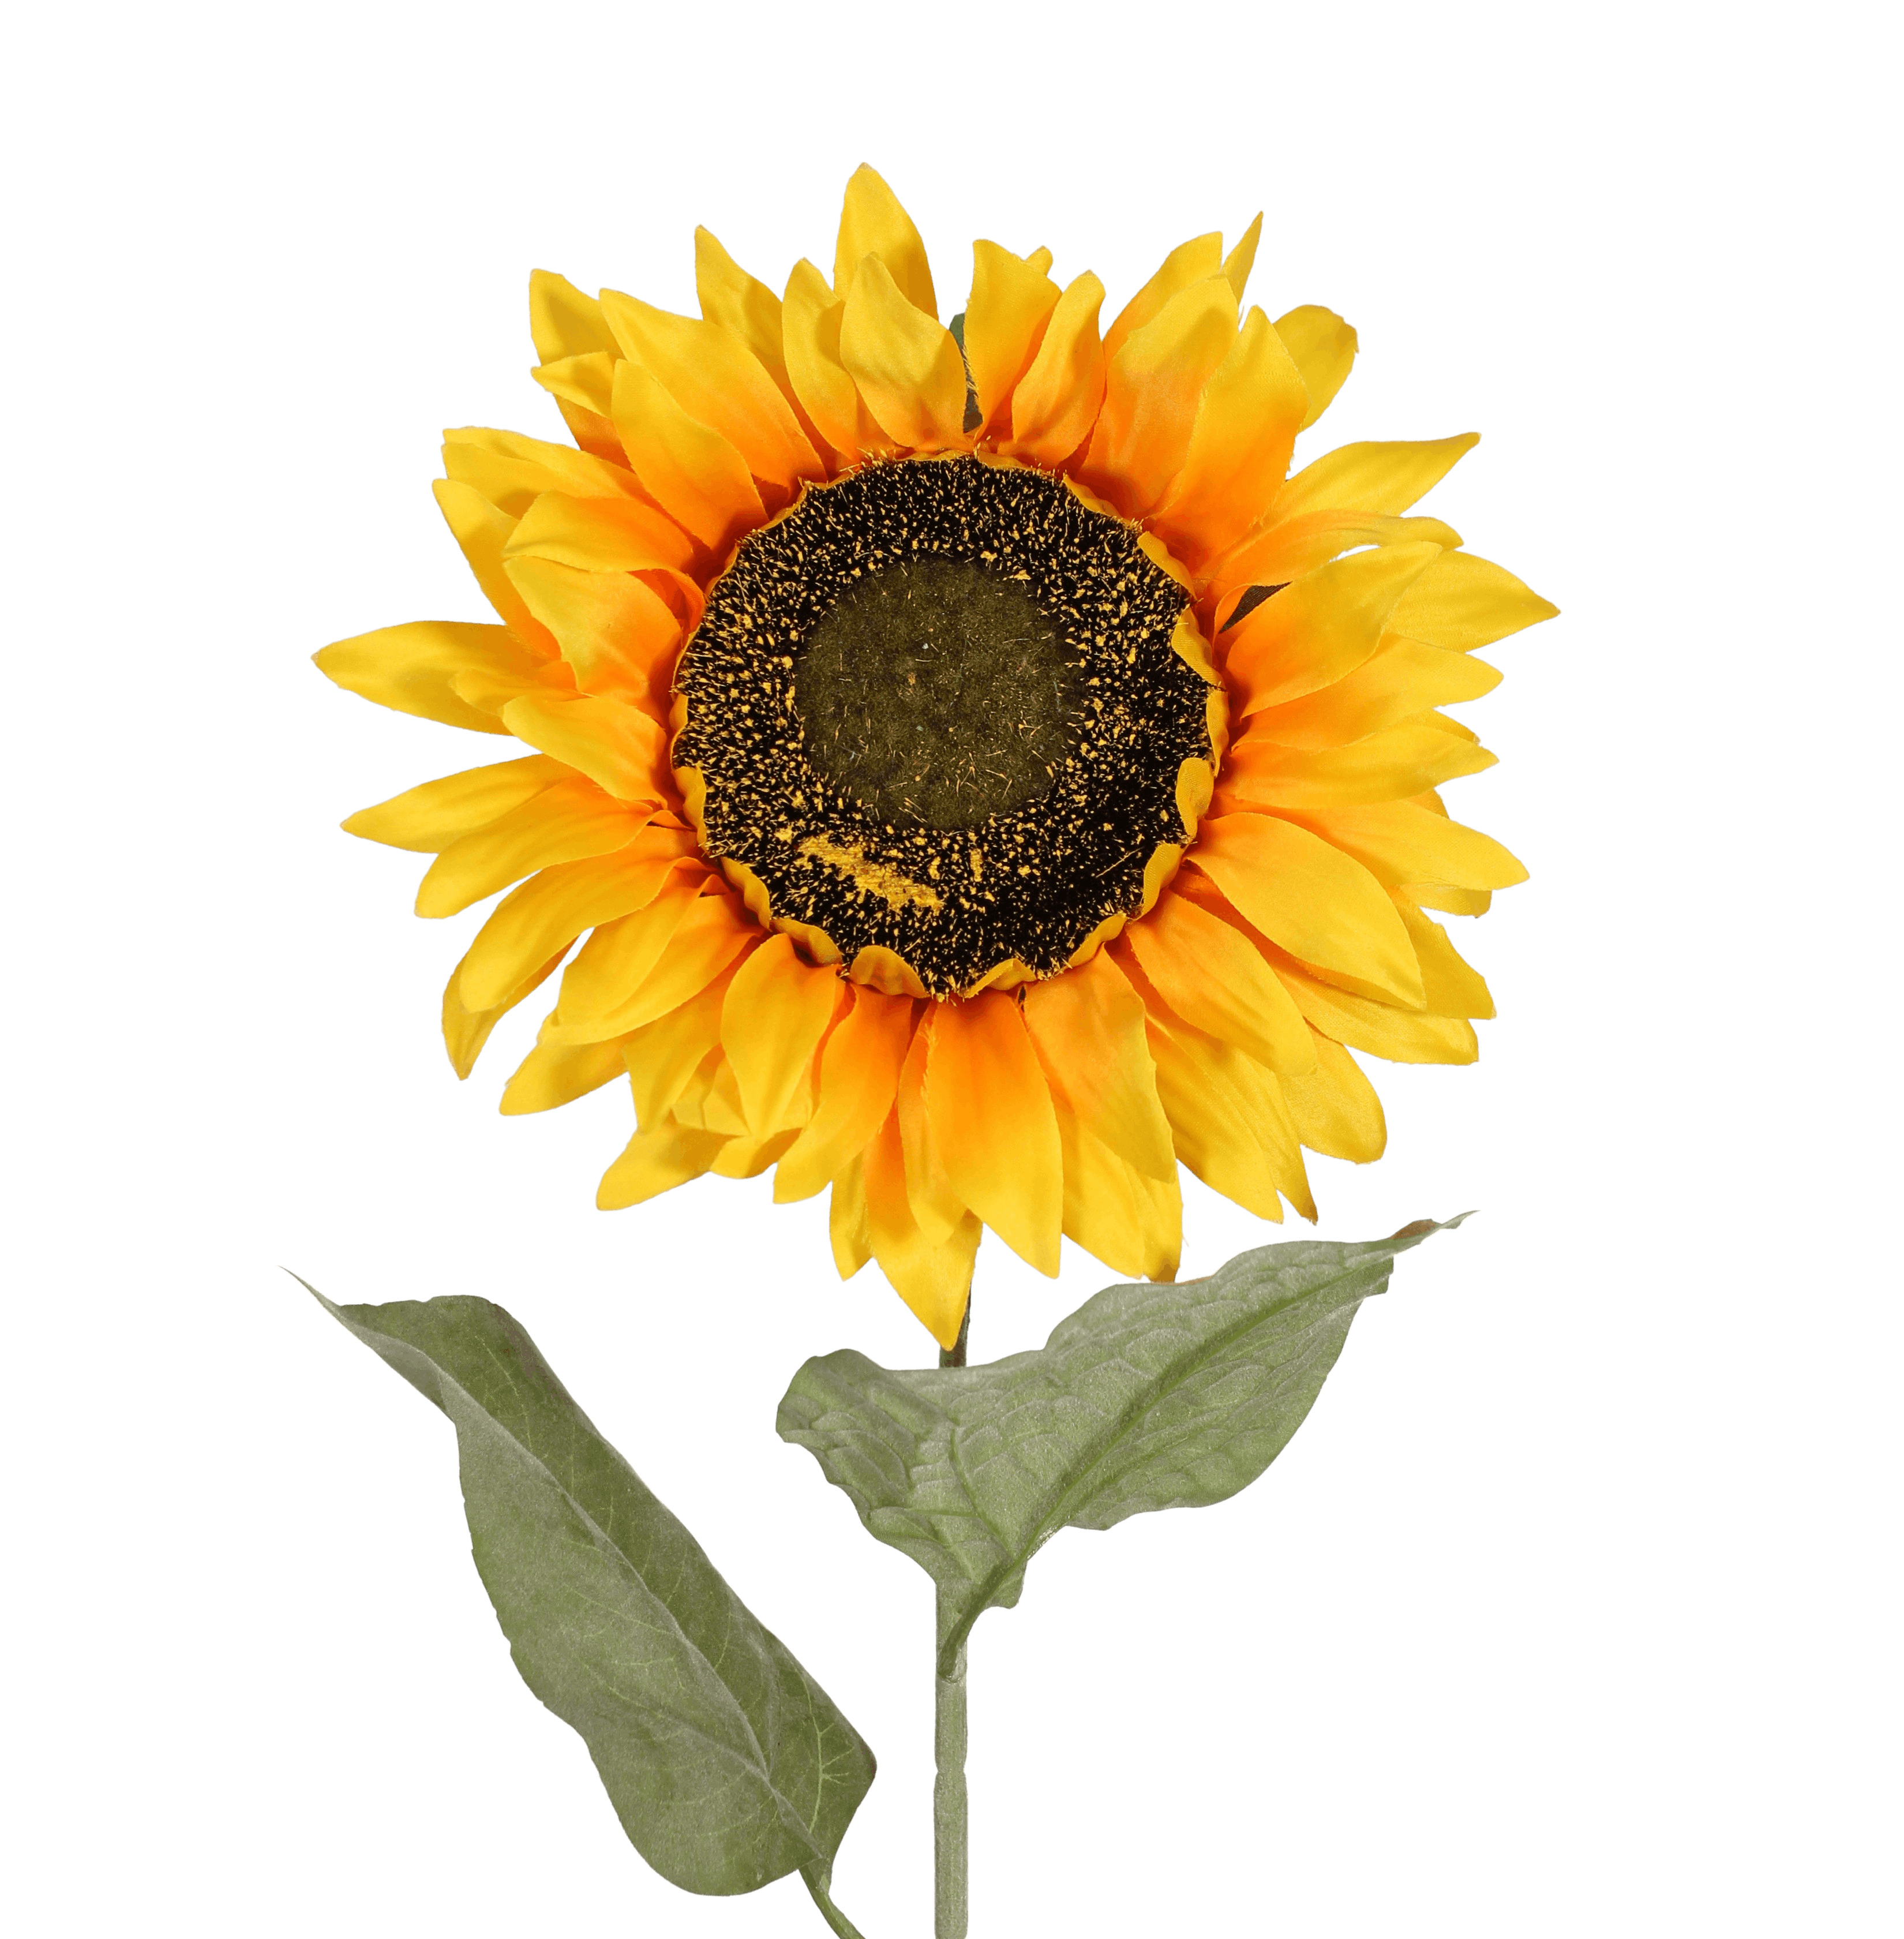 Artificial sunflower stem yellow